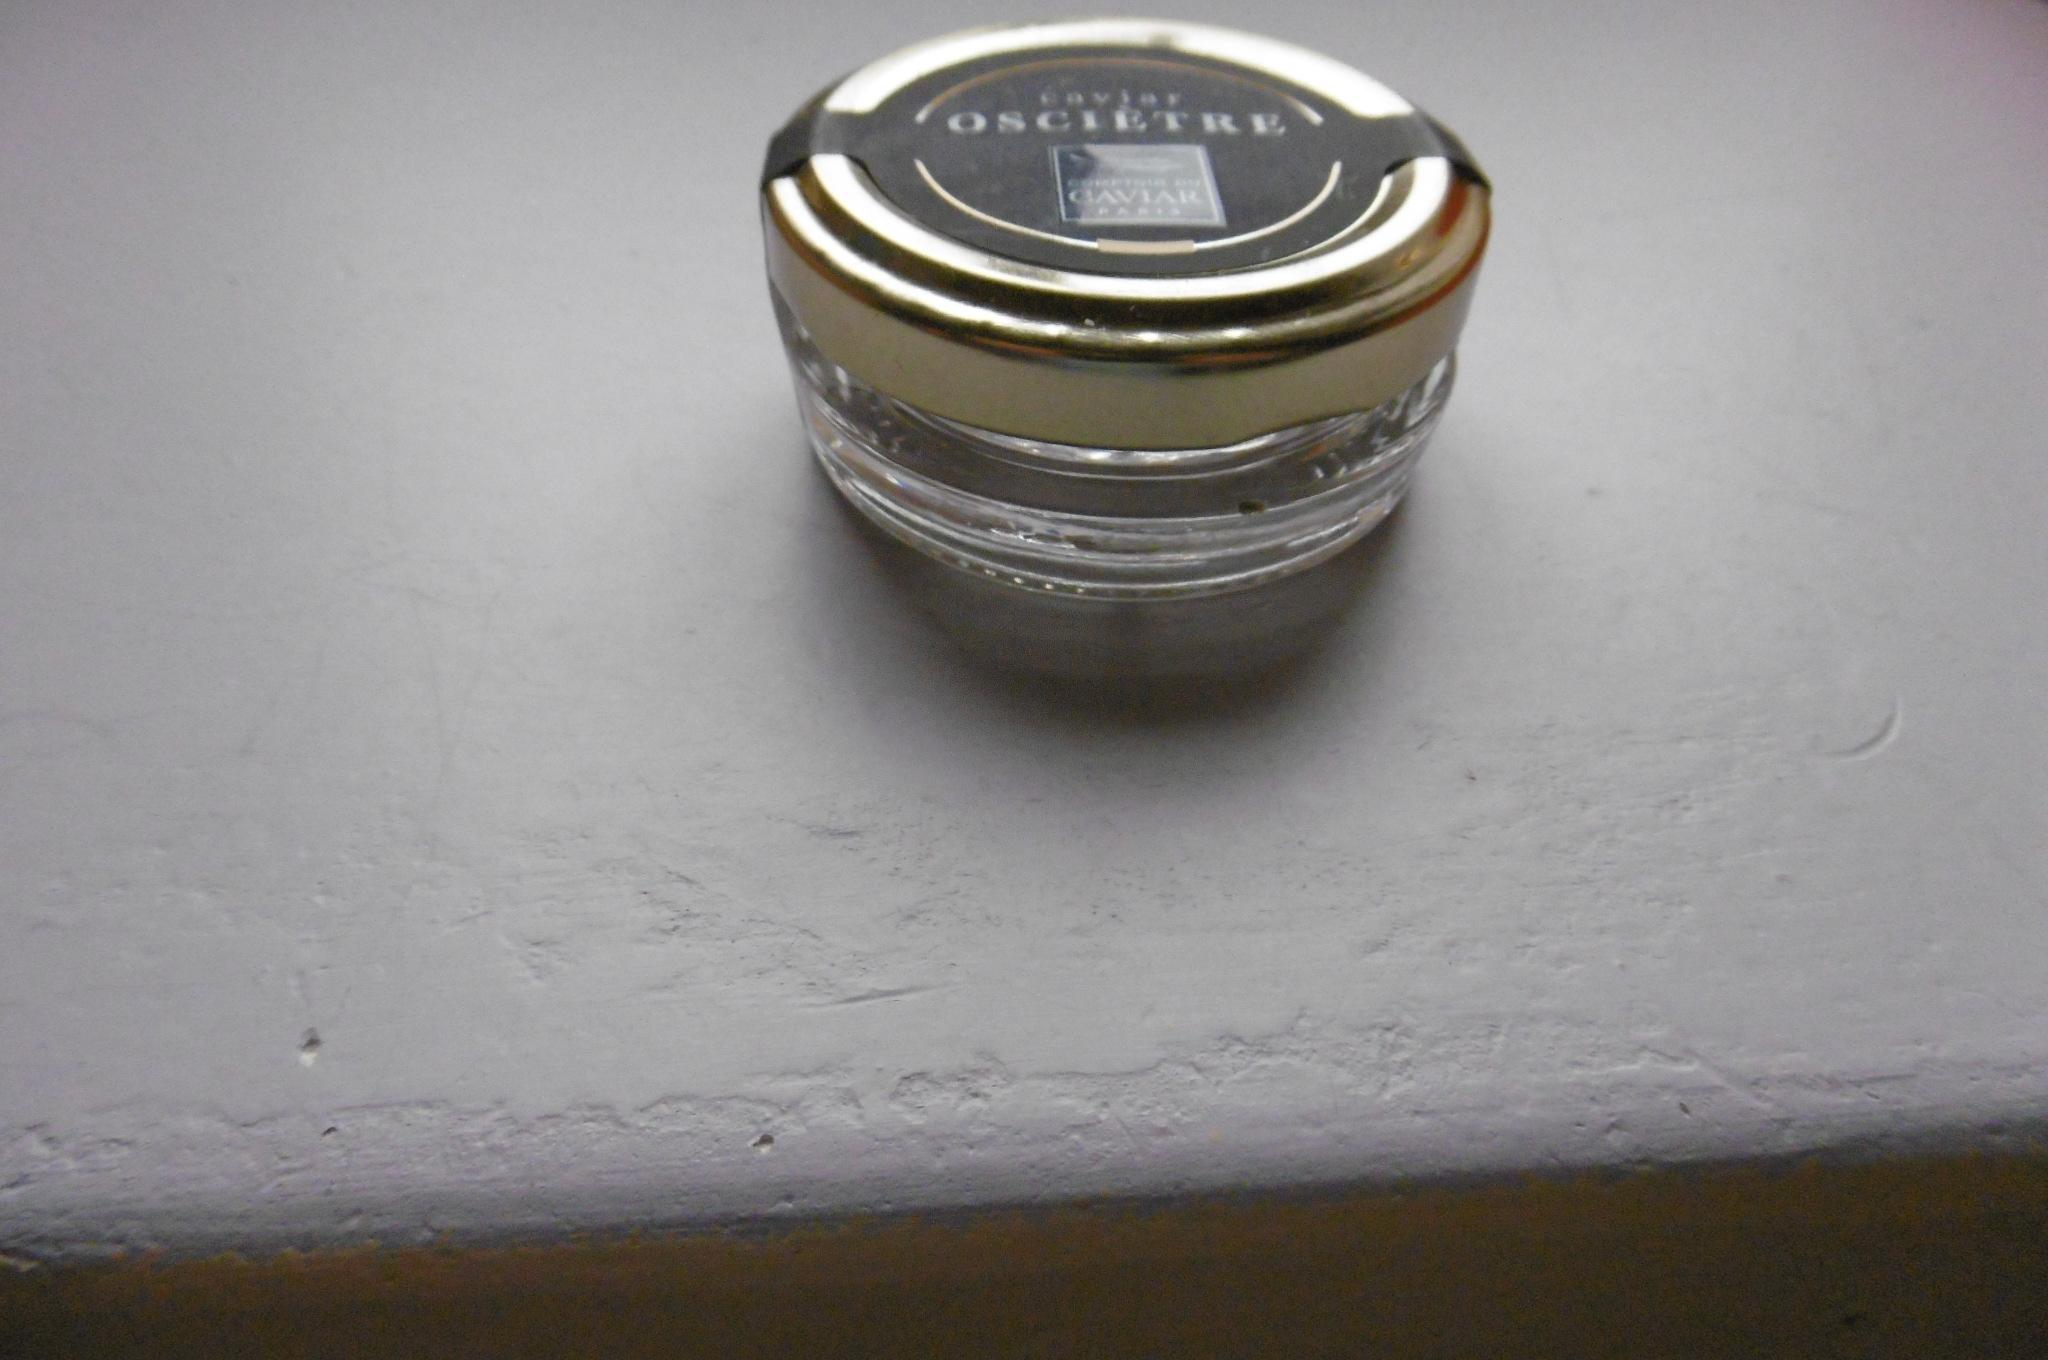 troc de troc boites vides de caviar image 2